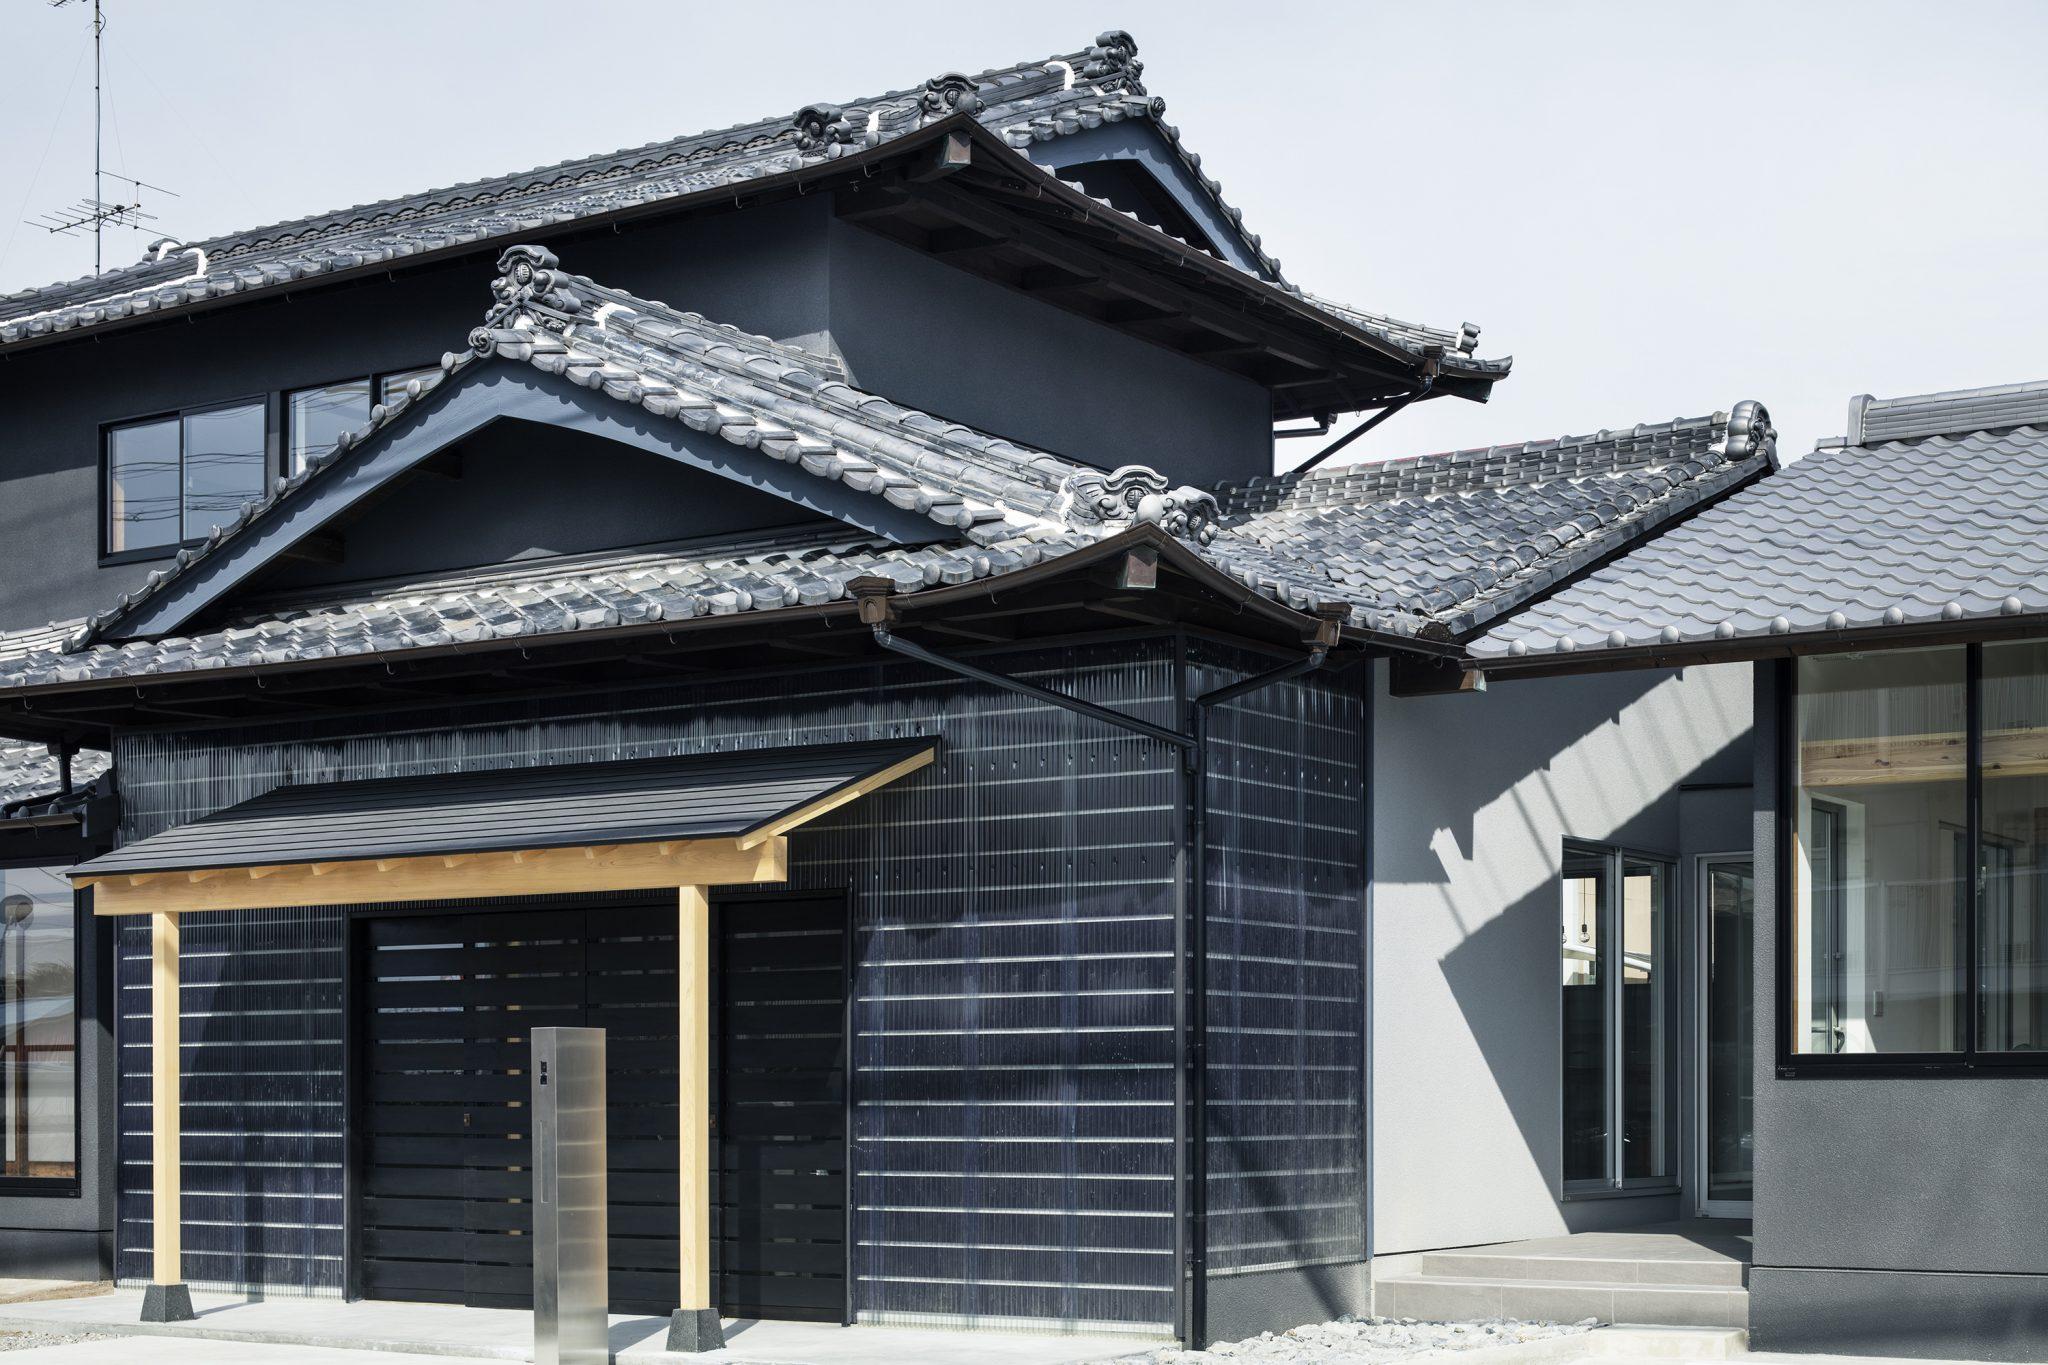 御殿の住宅 -リノベーション-|Residence in Goten by the renovation-180228_0077